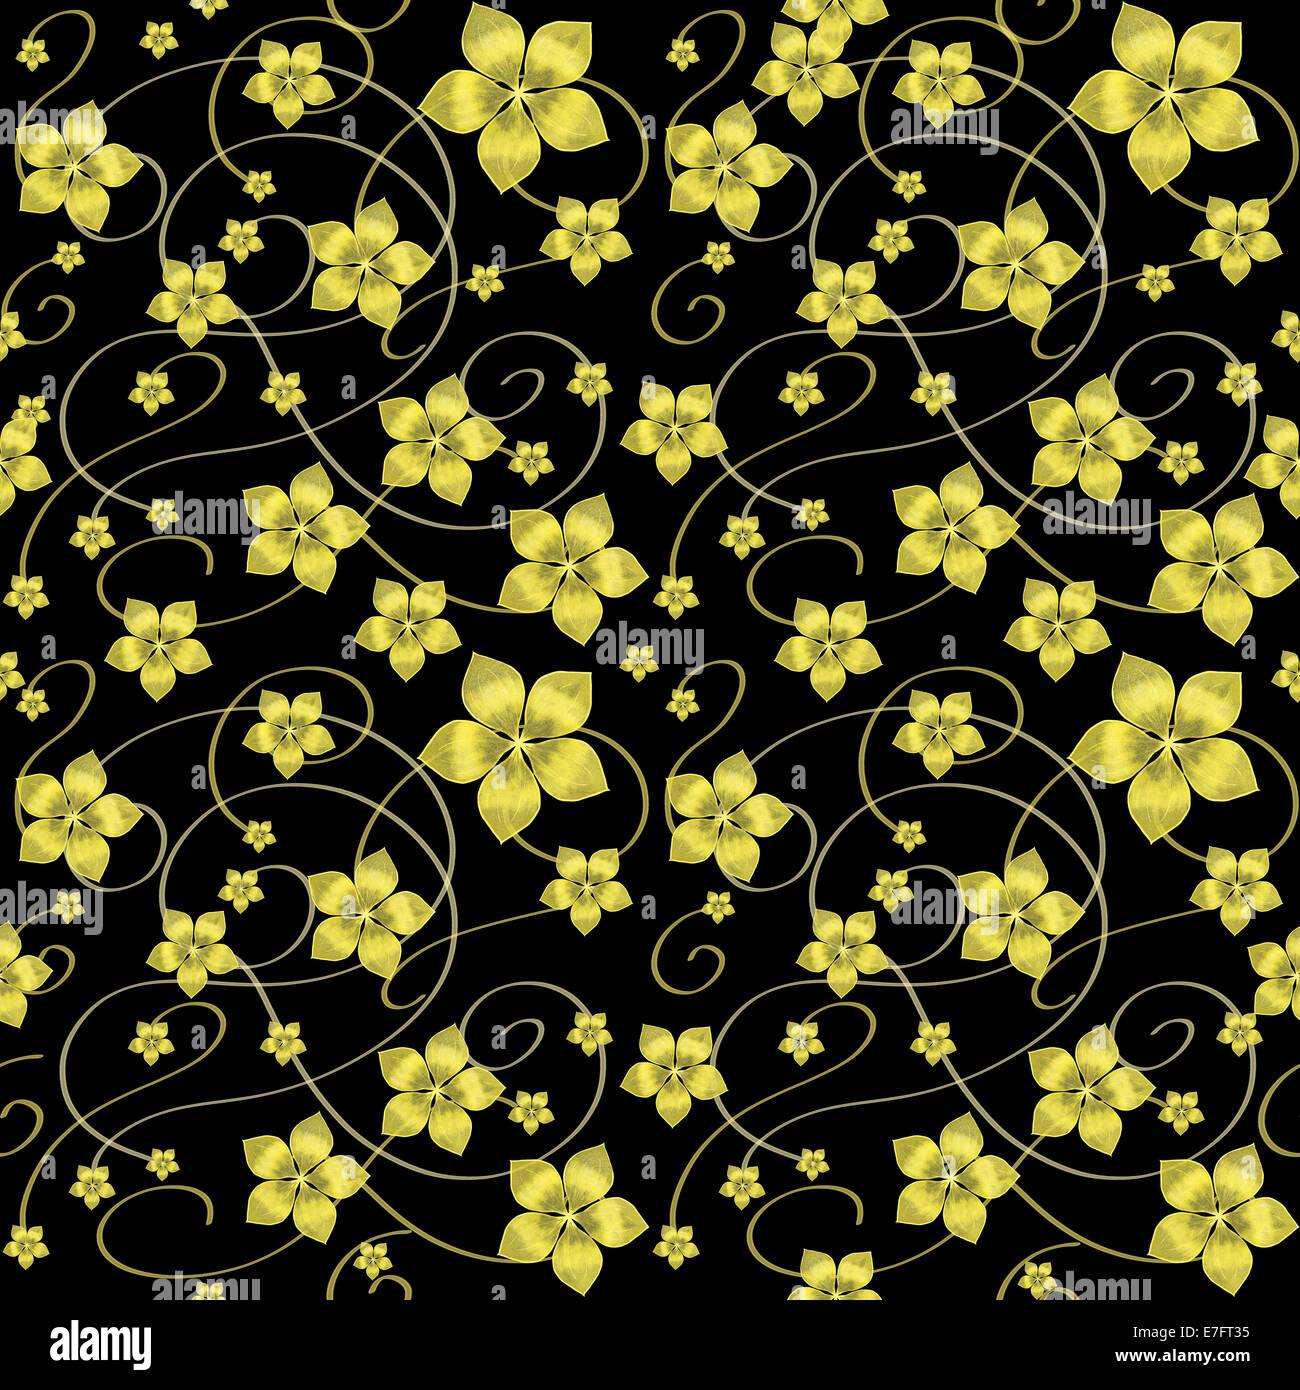 Modèle sans couture. Fleurs d'or sur fond noir. Photo Stock